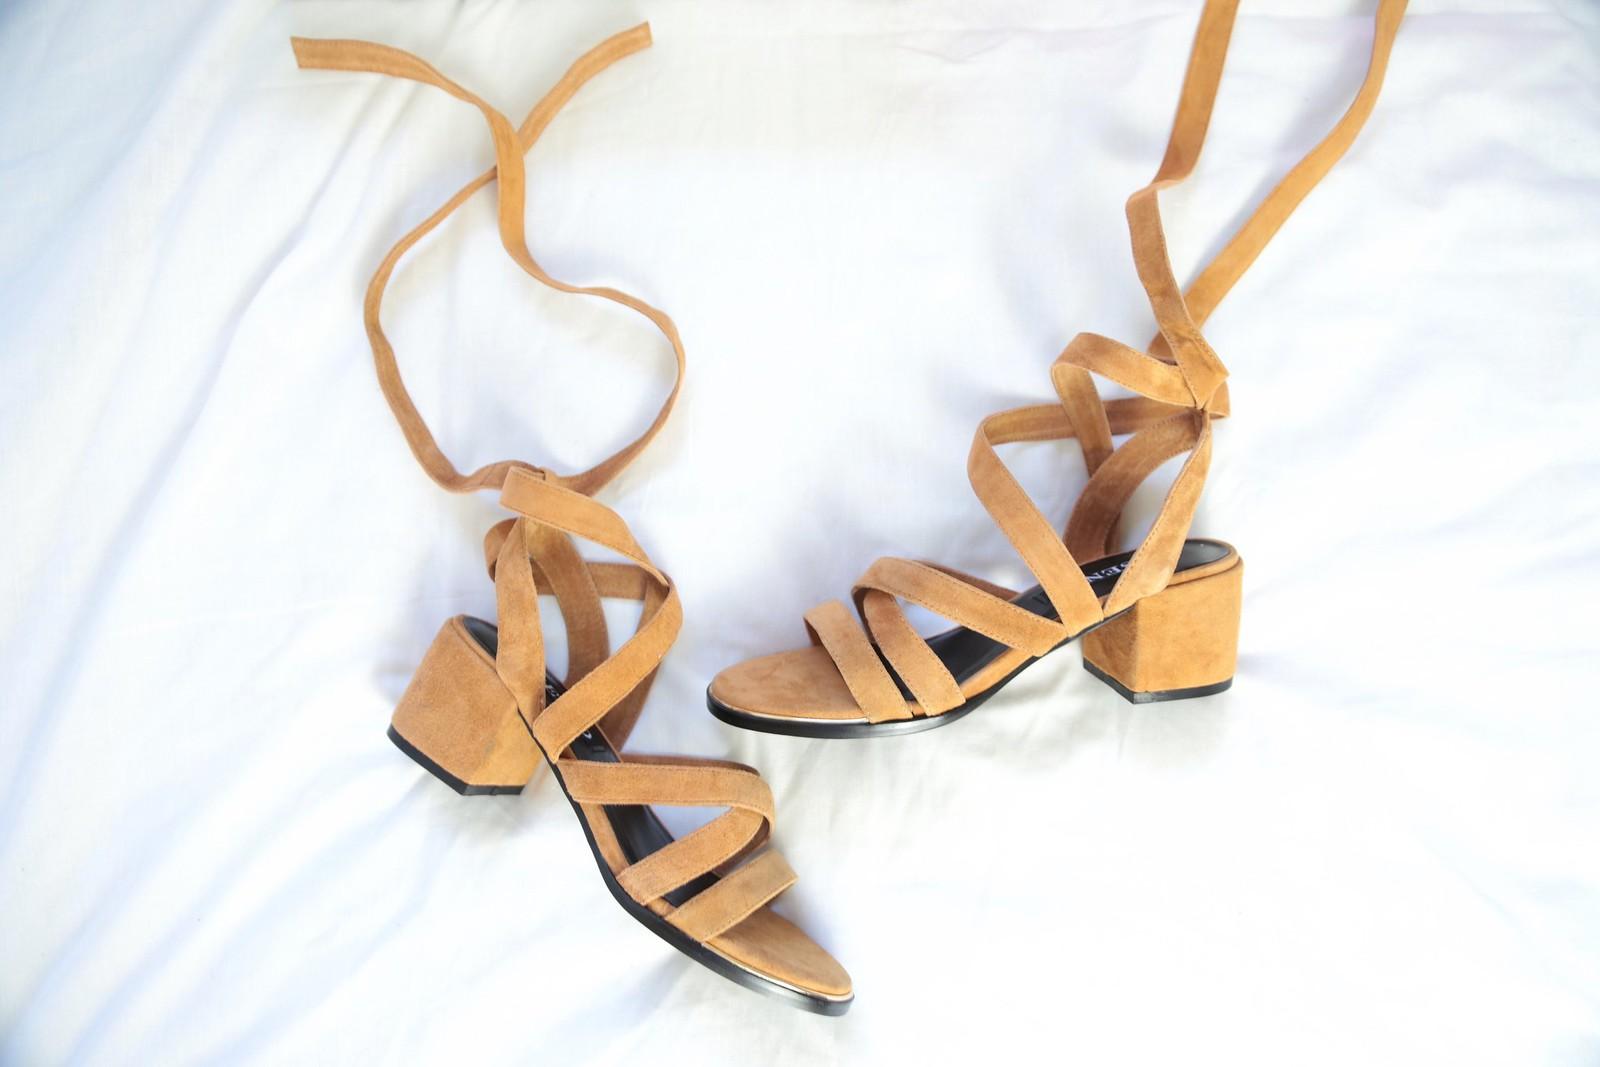 sensomayankletiesandals, sensofootwear, streetstyle, suedesandals,